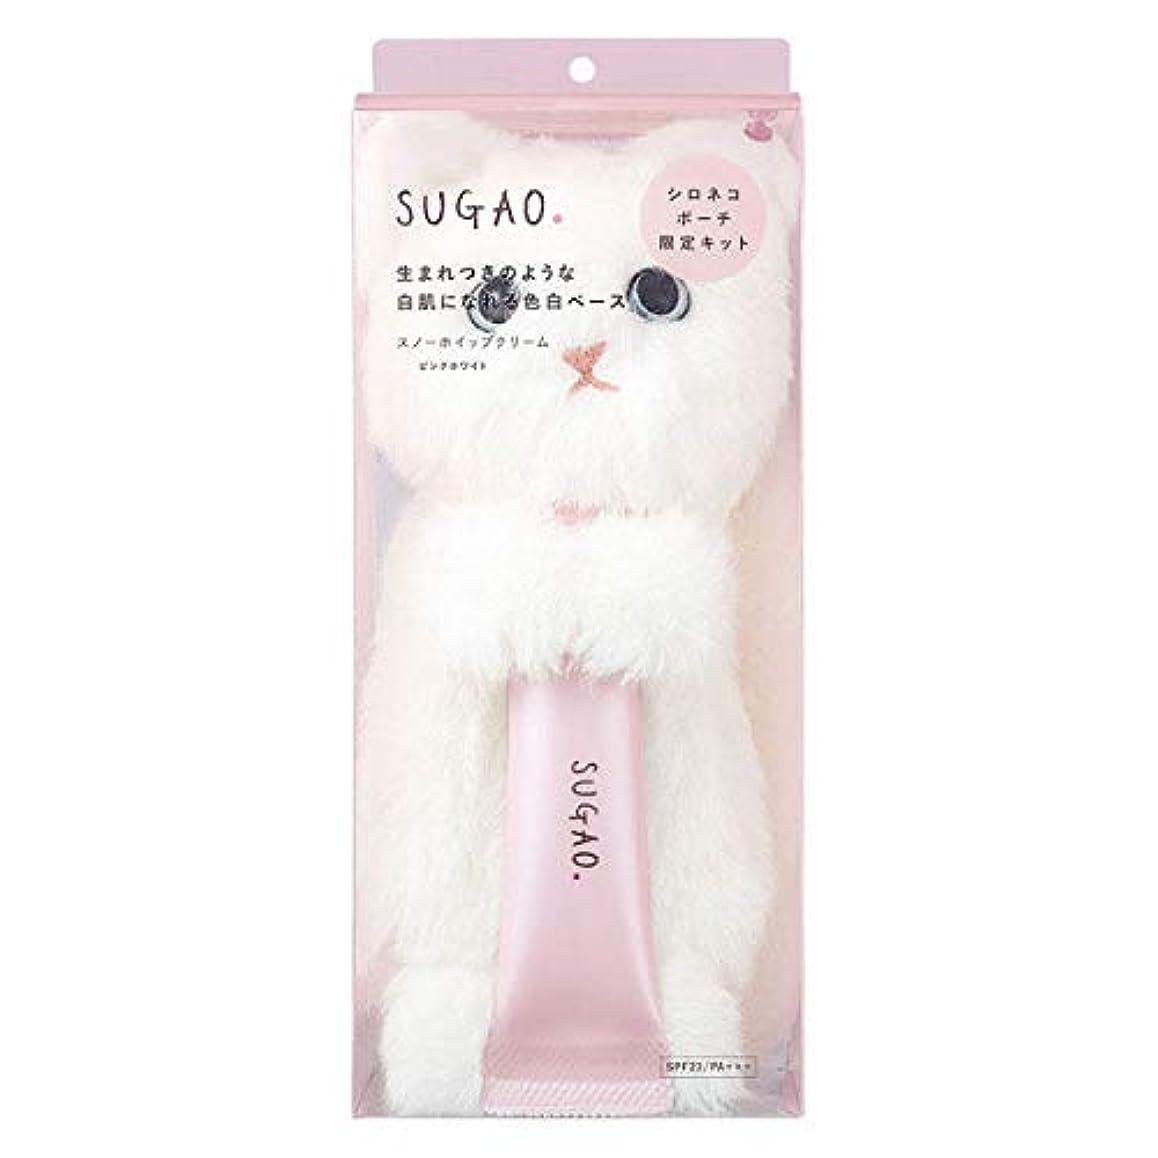 事前にネクタイビジュアルSUGAO(スガオ) スノーホイップクリーム ピンクホワイト 25g +シロネコぬいぐるみ付き ロート製薬 [並行輸入品]